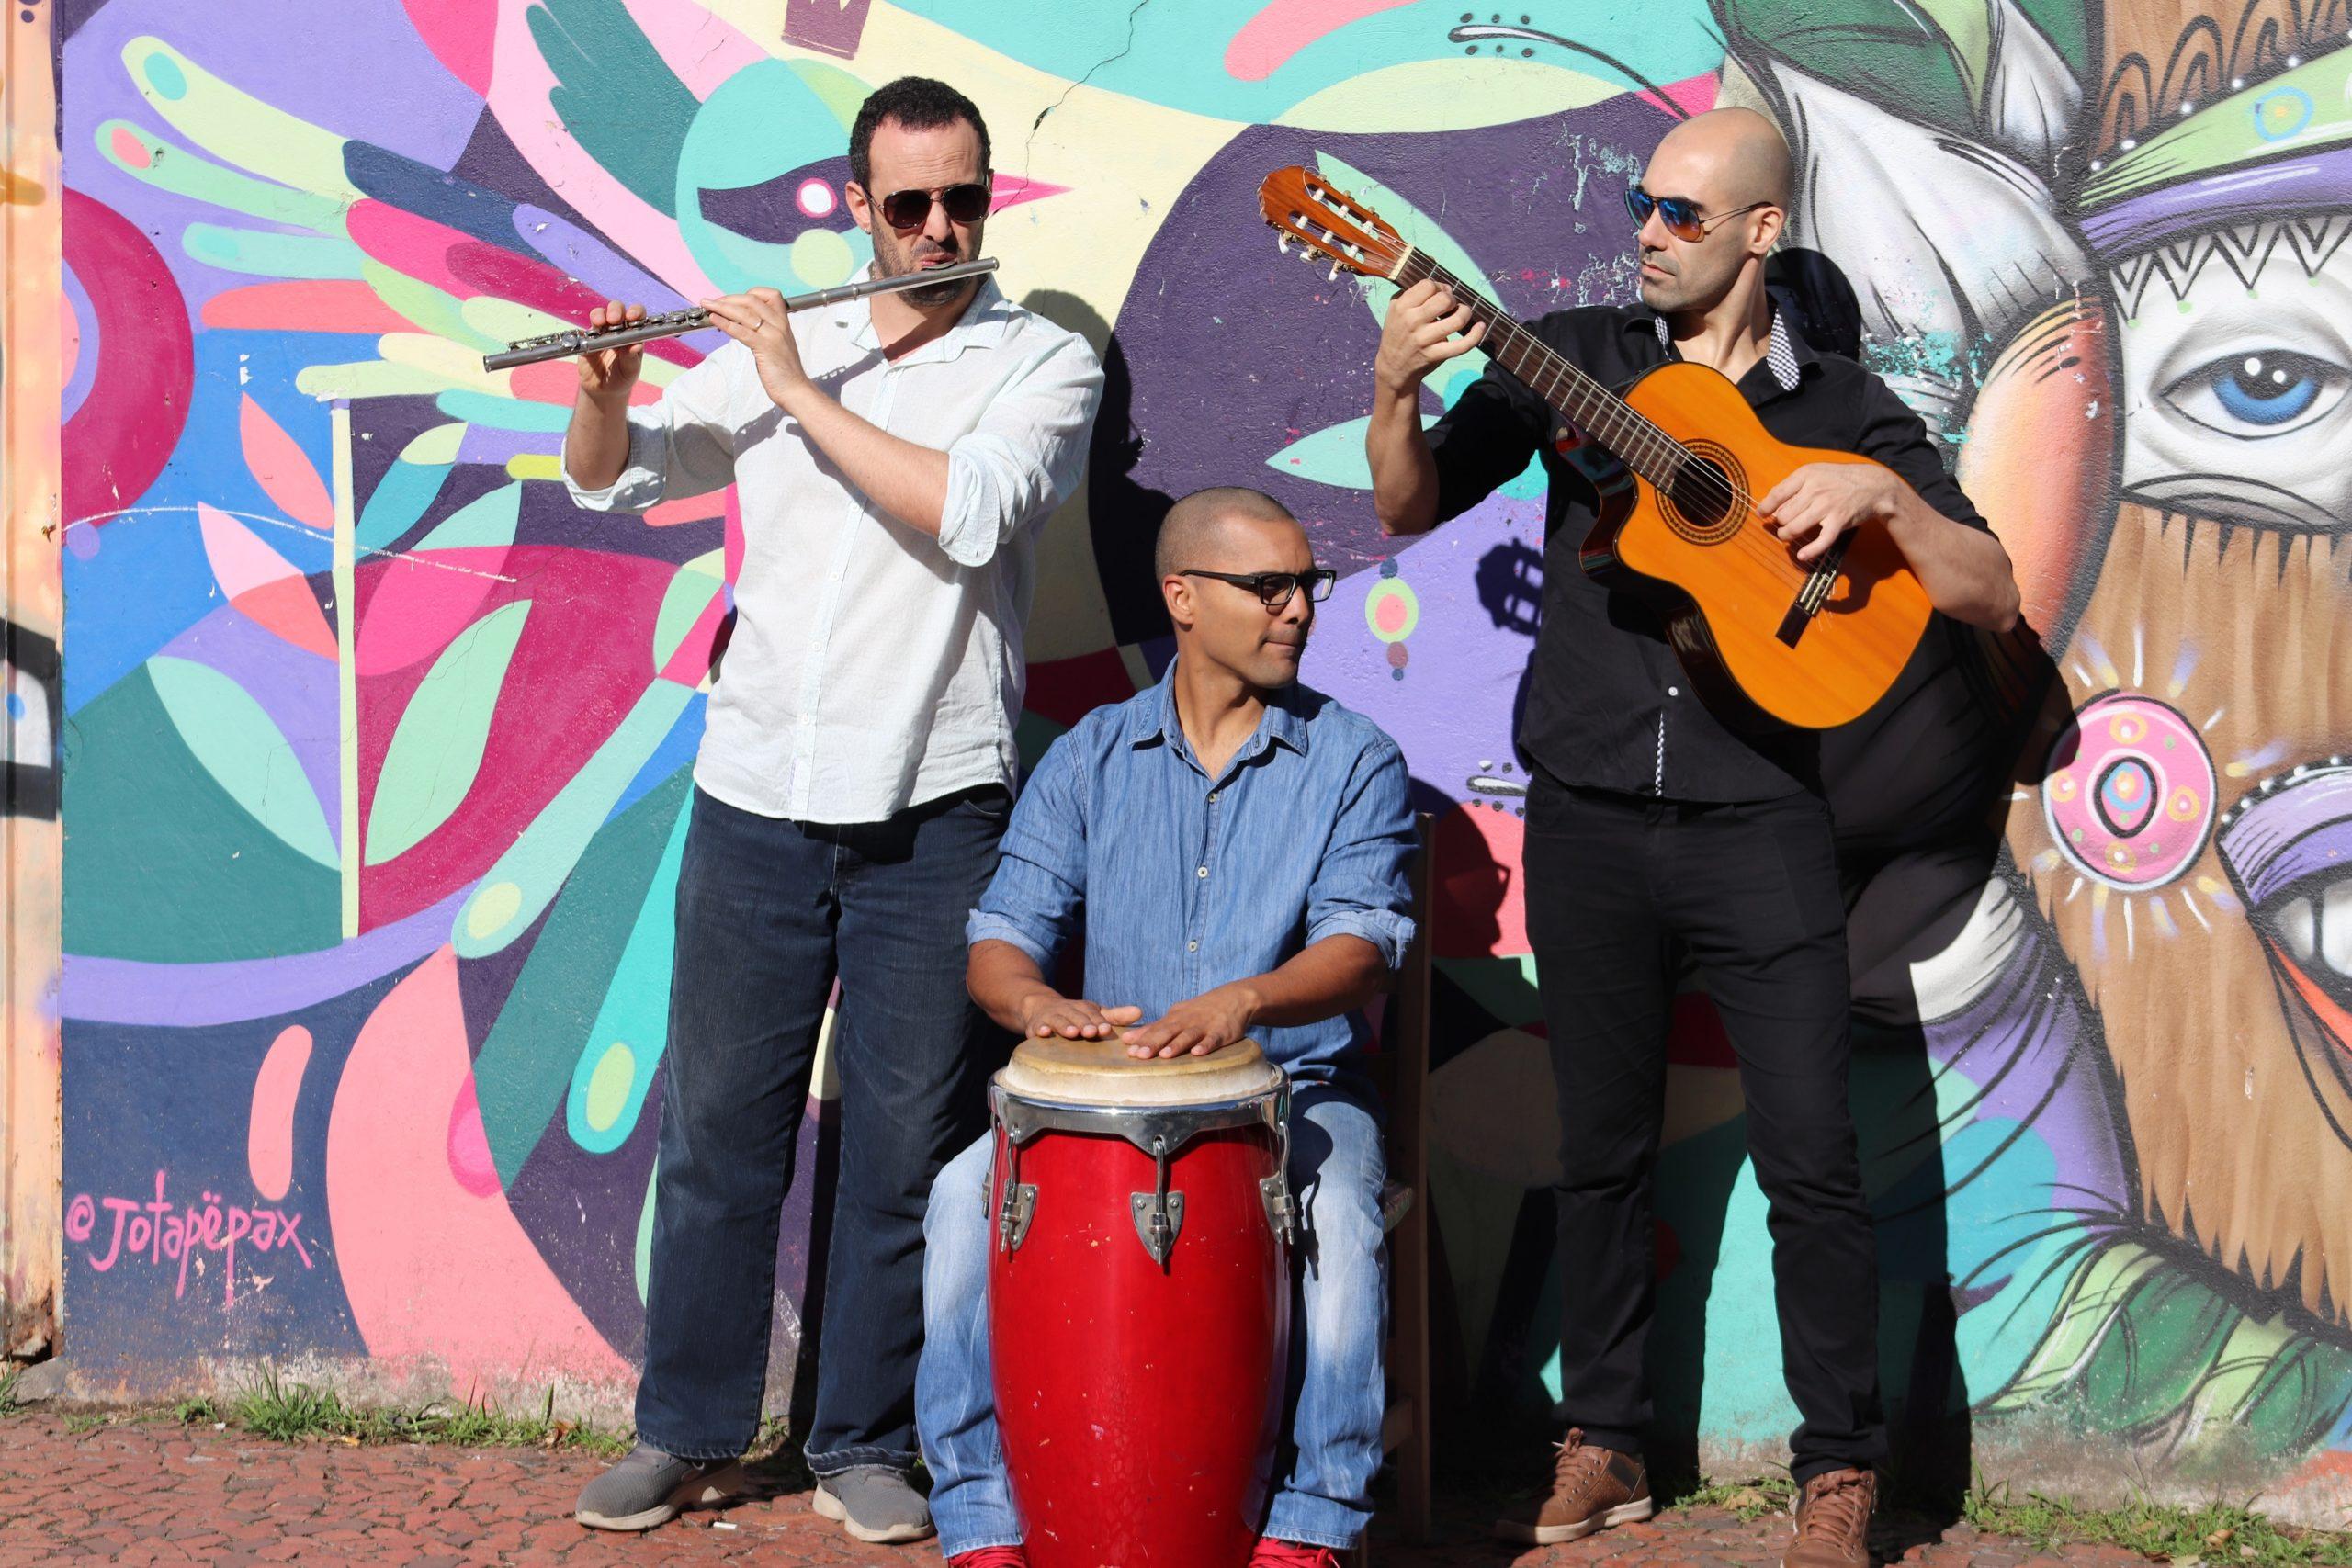 Fiesta latina: três homens, um com violão, outro com flauta, ambos em pé, atrás um muro colorido. Sentado, um homem na percussão.